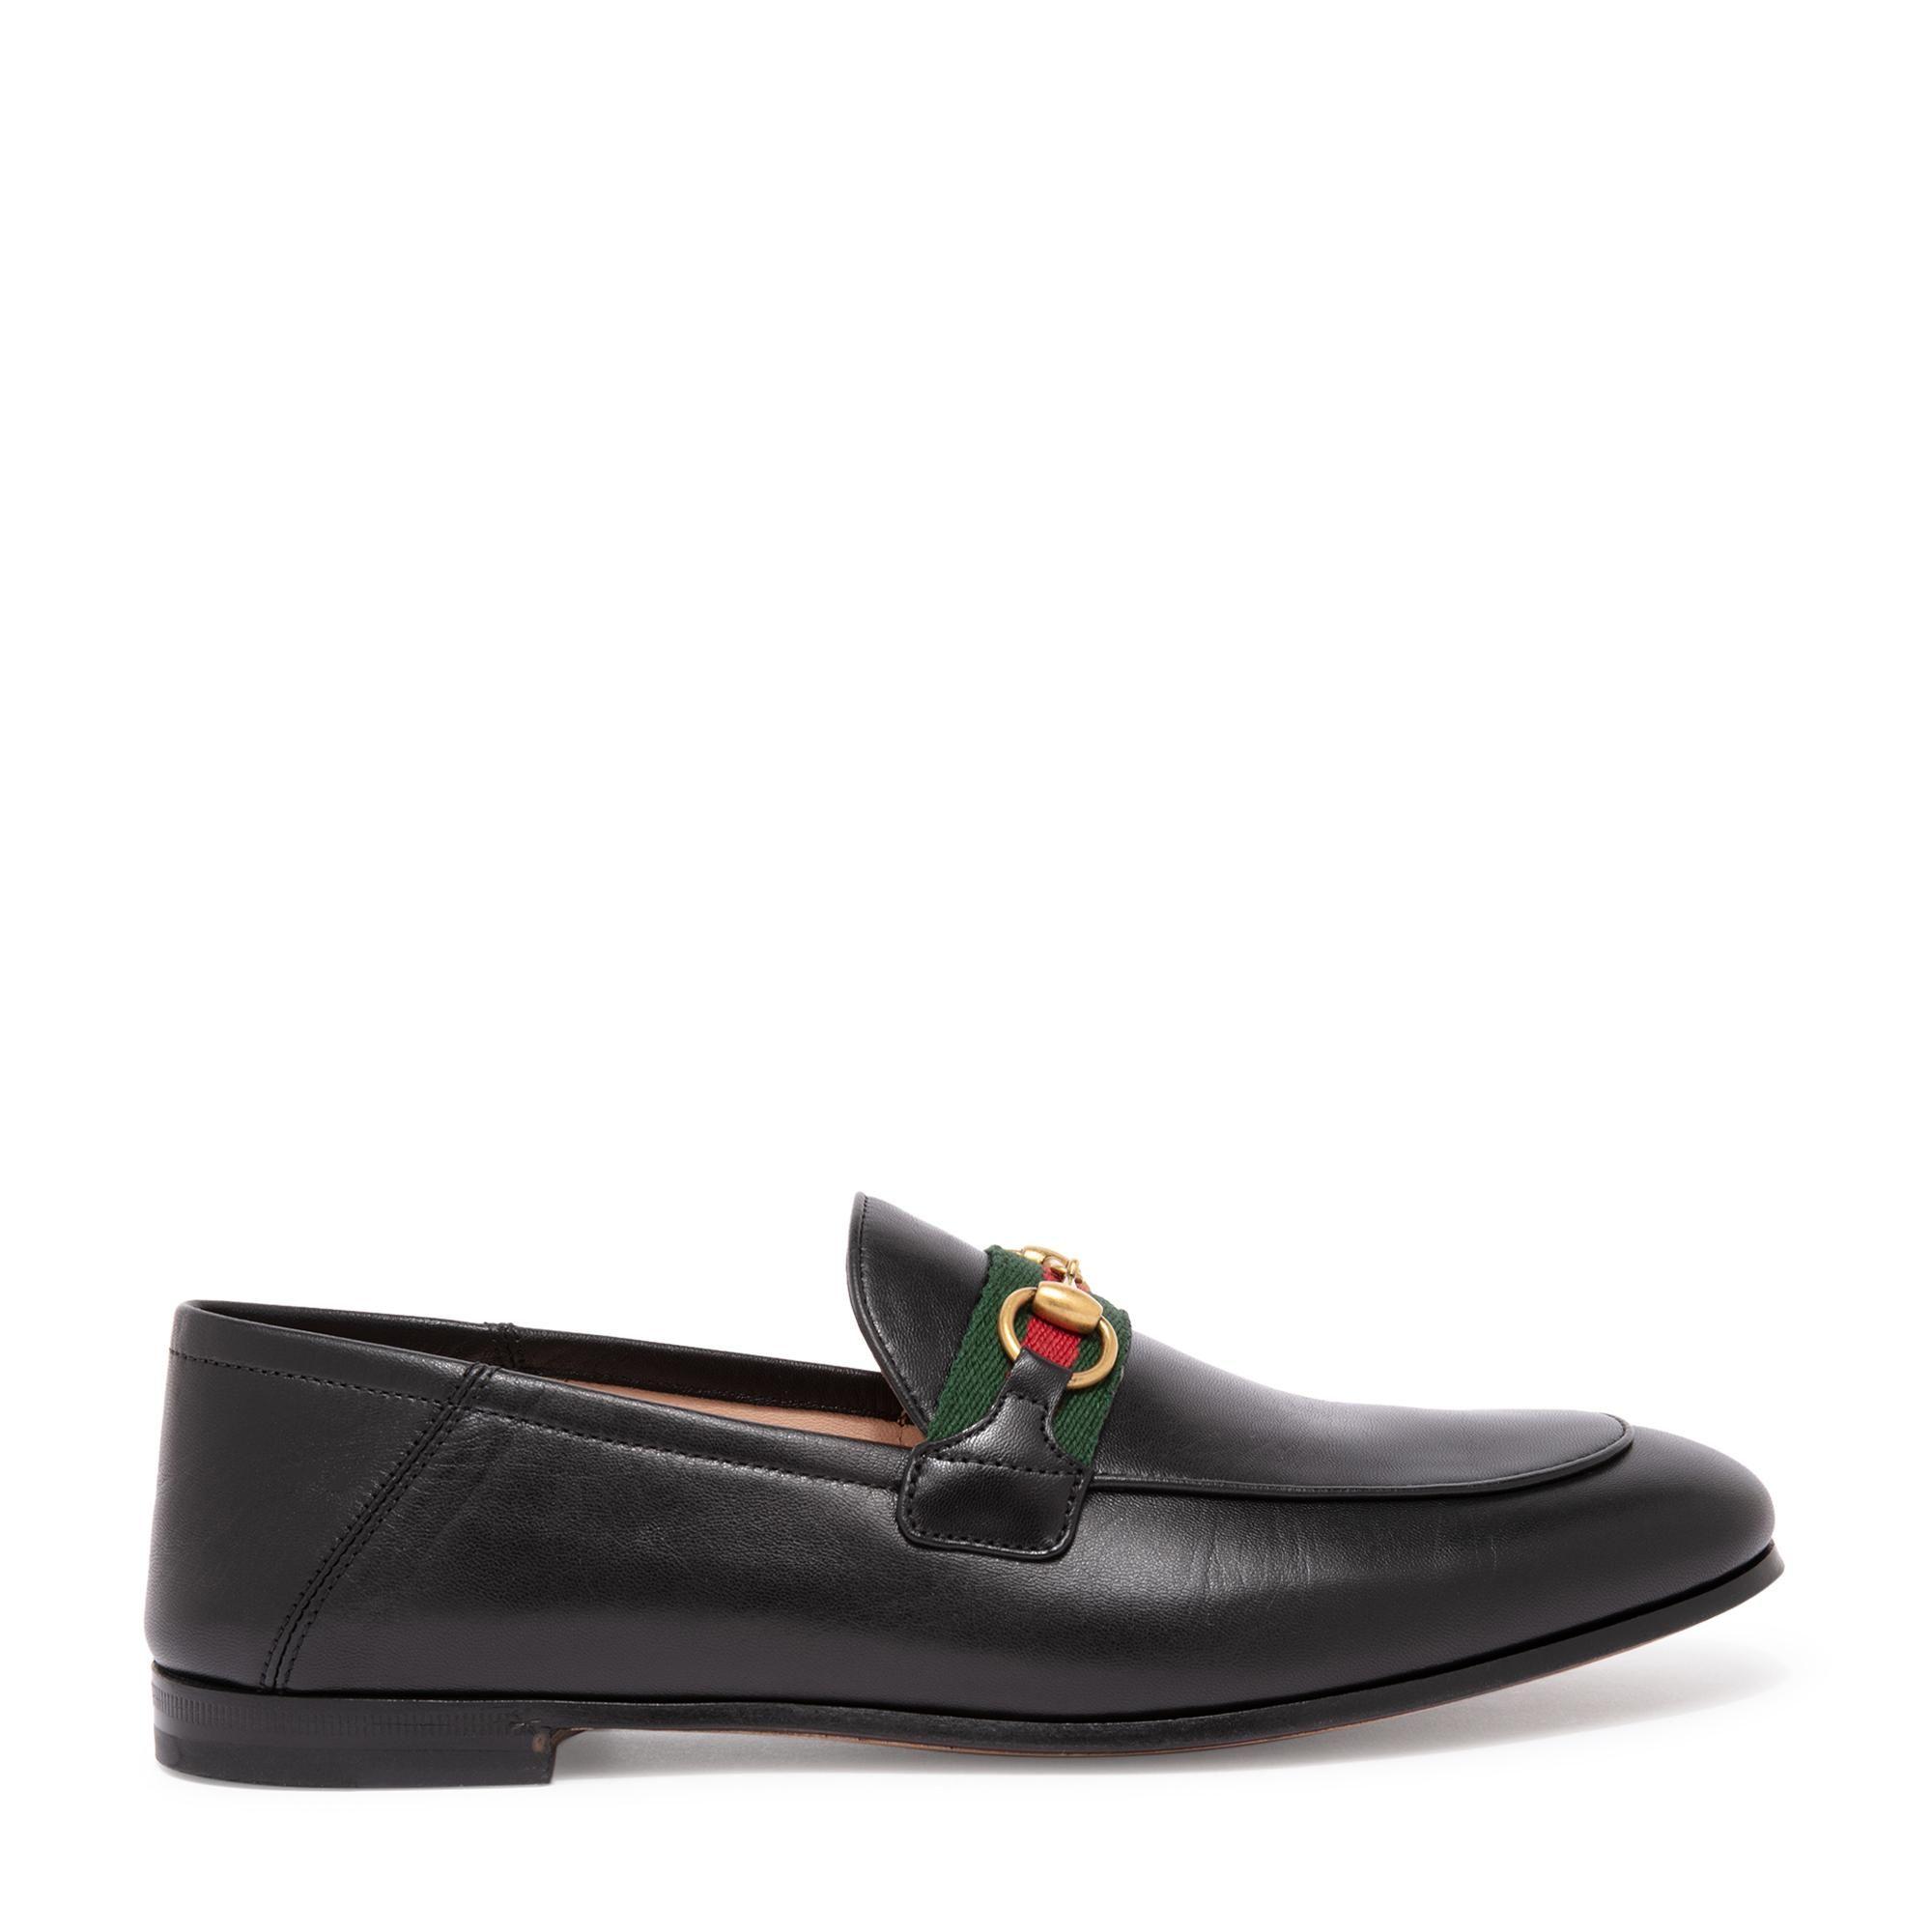 حذاء جلدي مسطح بتصميم شبكي